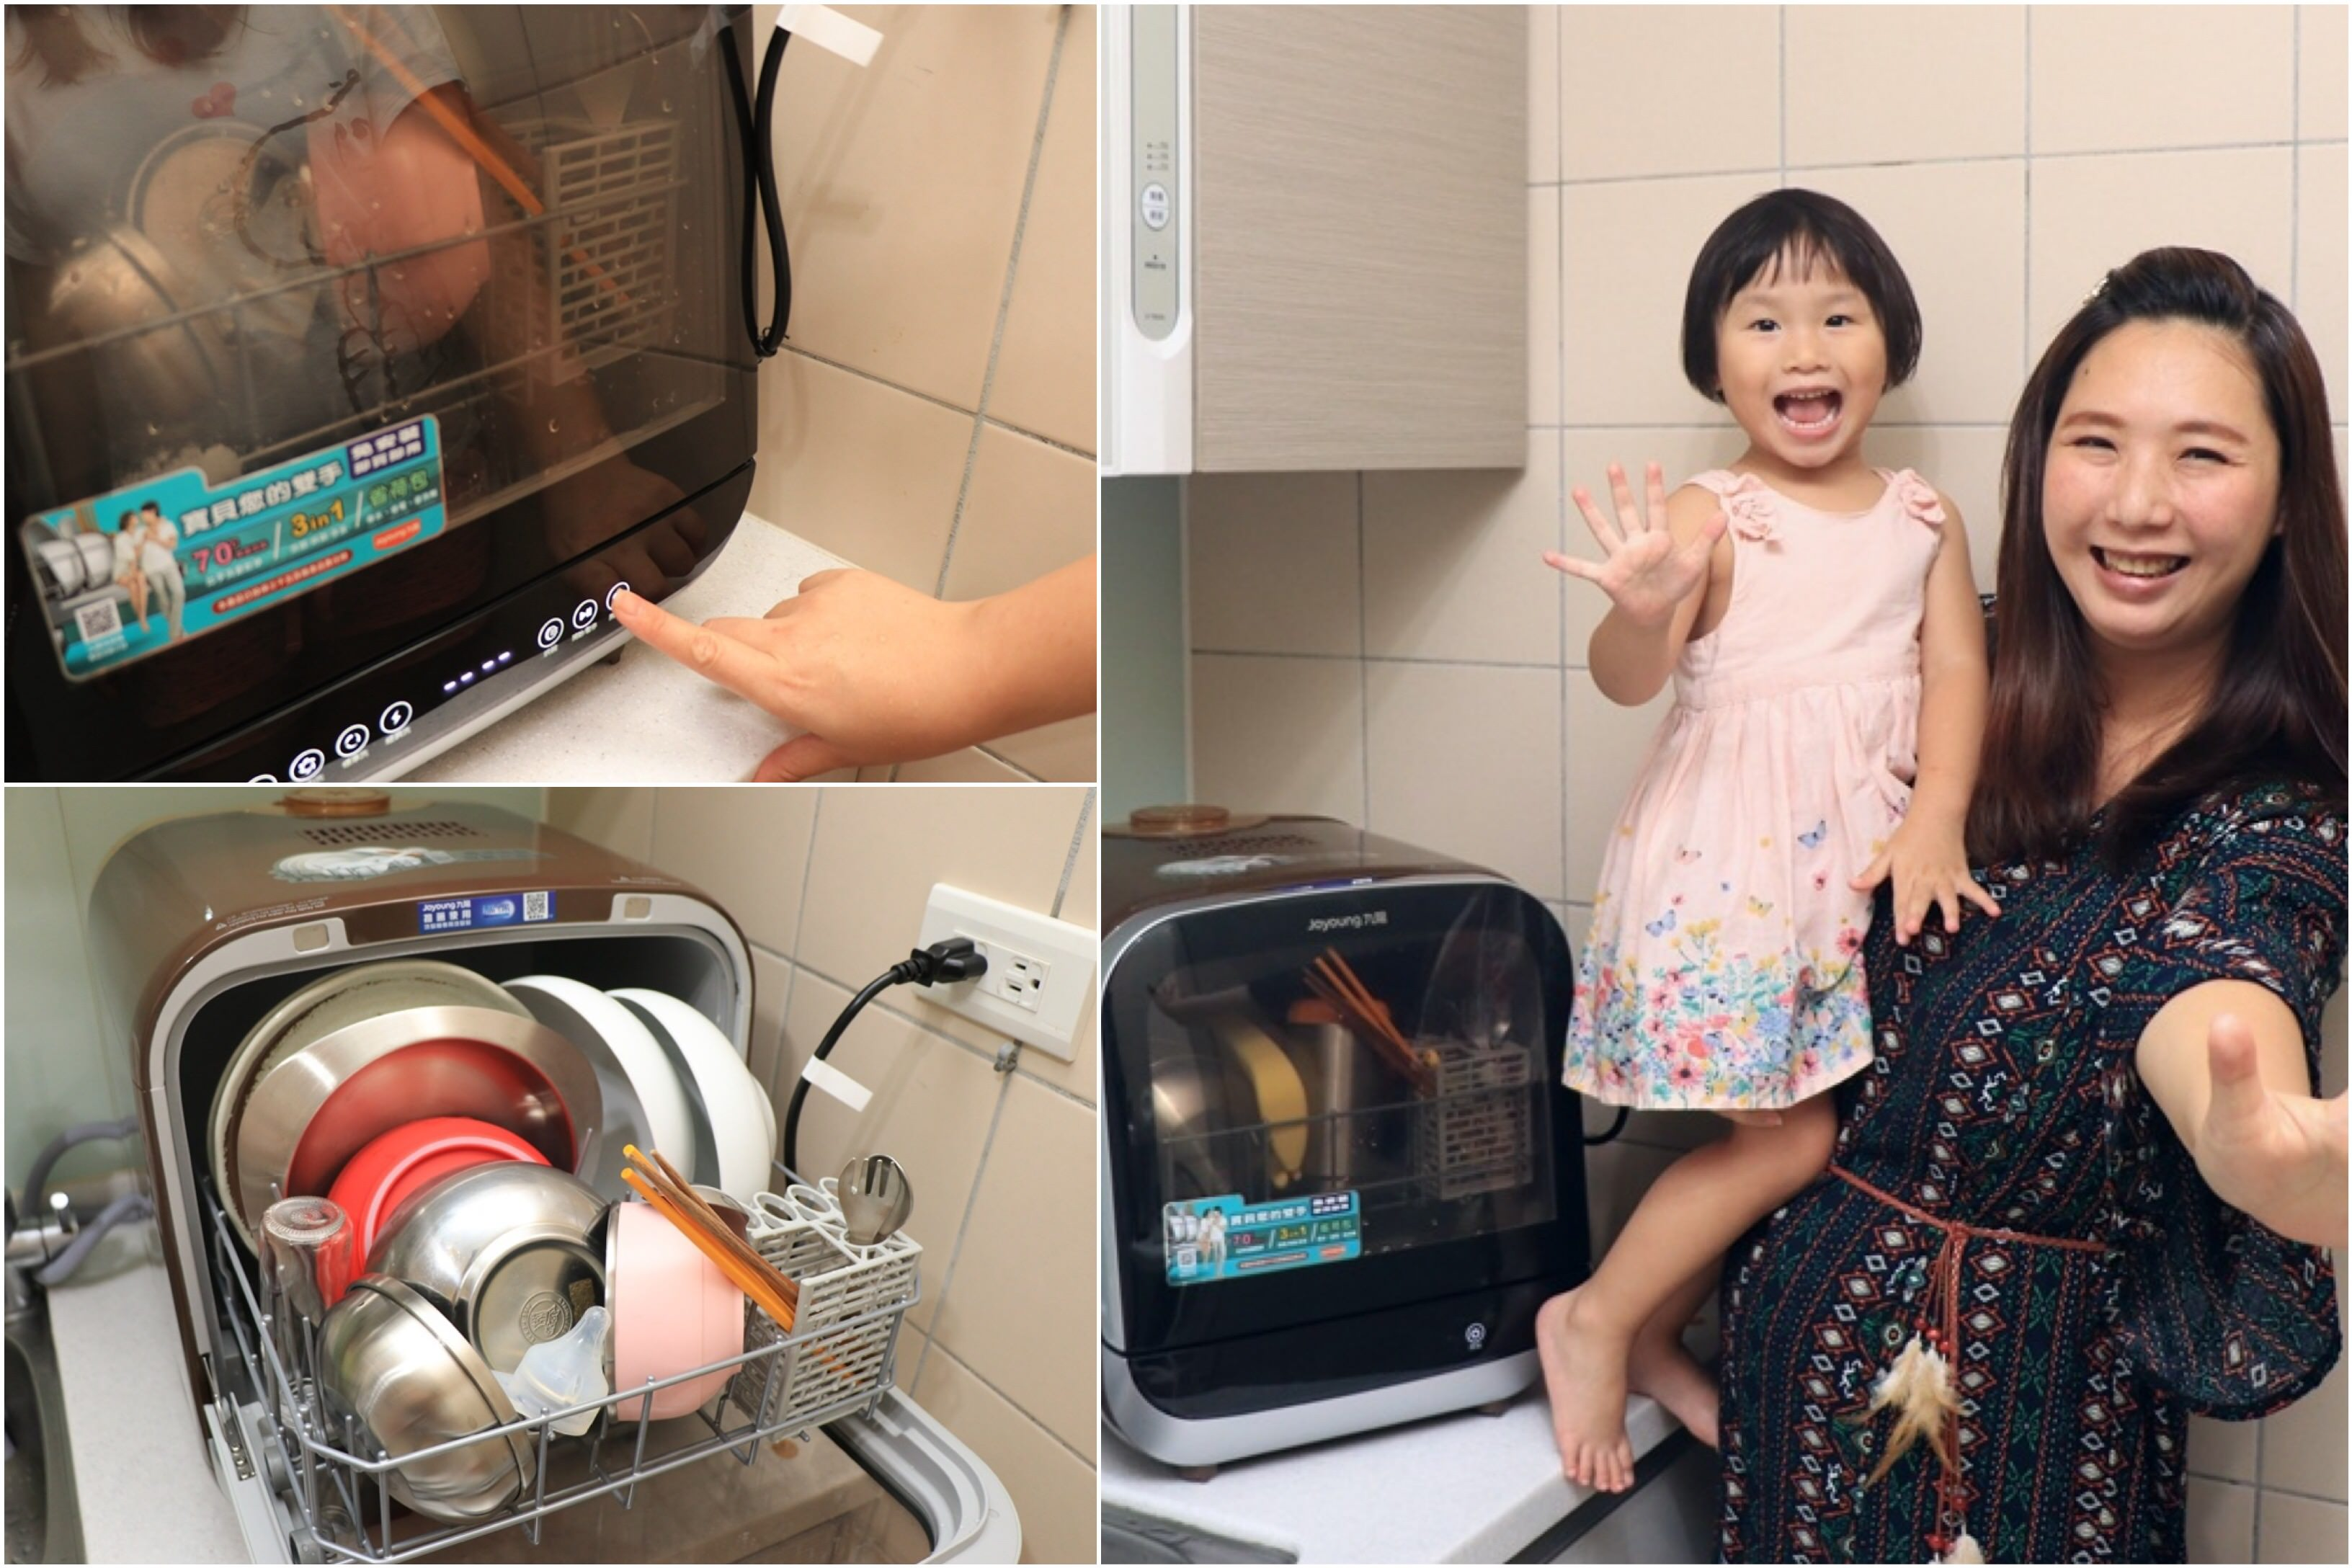 外接式洗碗機大推薦─九陽免安裝全自動洗碗機。簡單三步驟,洗碗再也不費力氣 @艾比媽媽